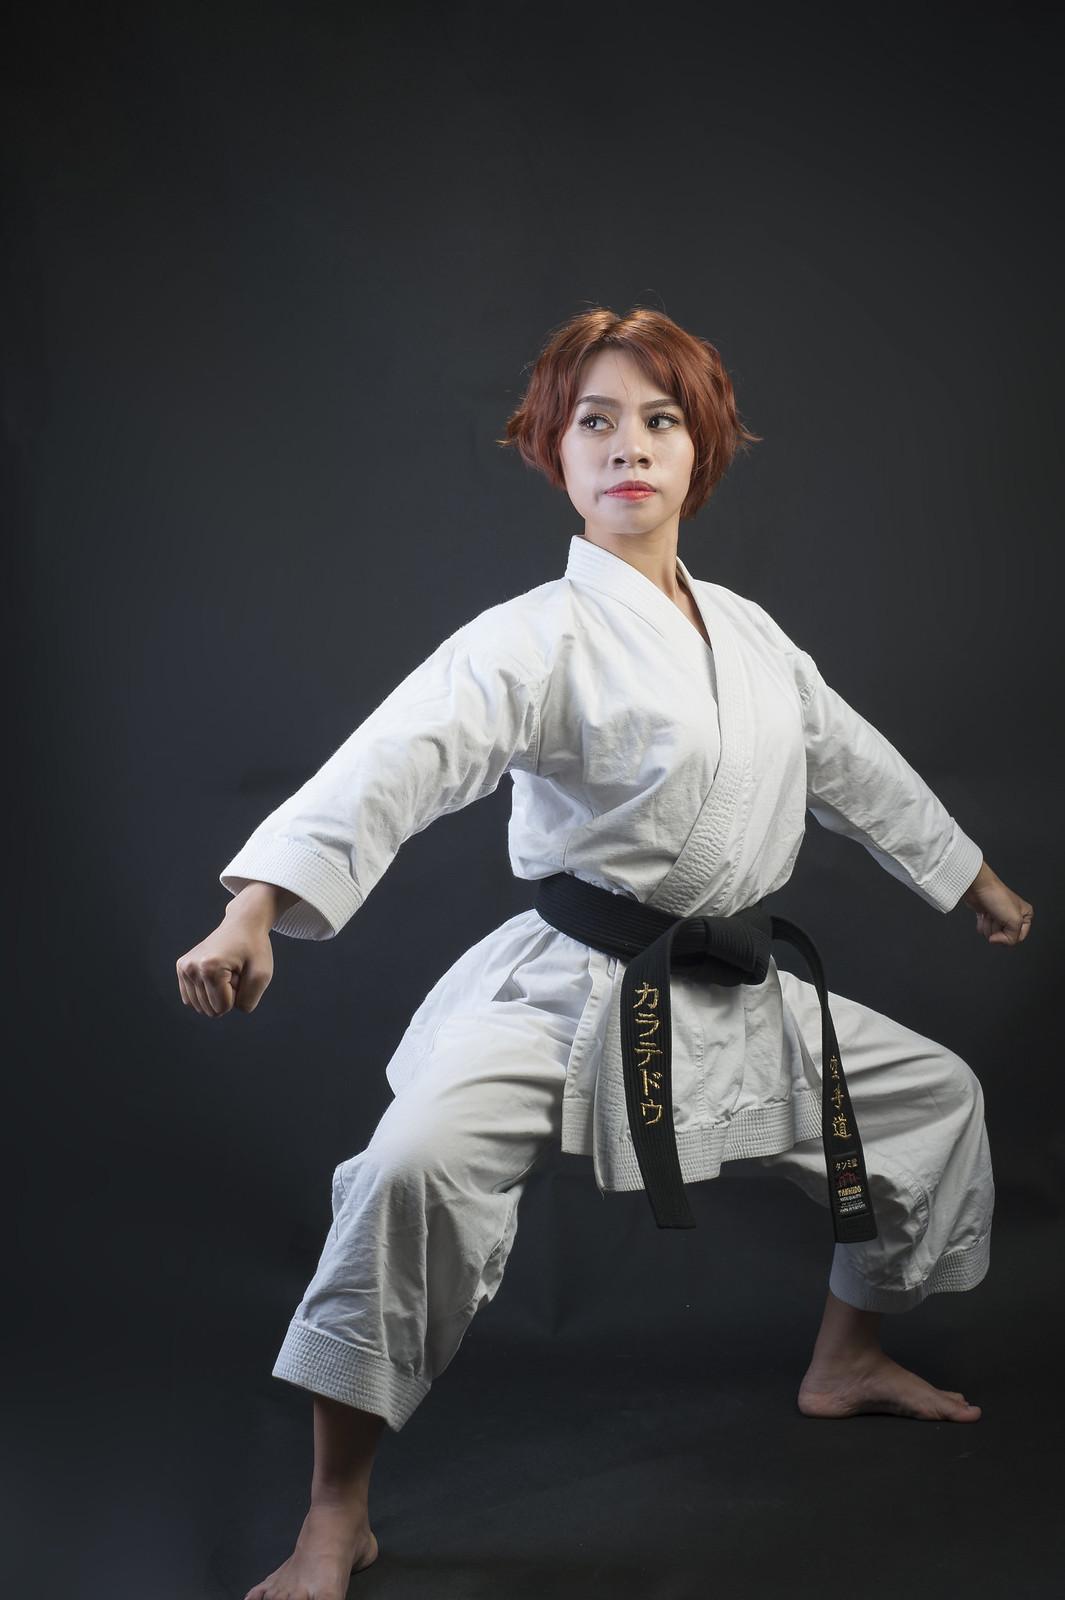 42980378271 97942be15d h - Bộ ảnh võ thuật Karate Girl phiên bản Việt